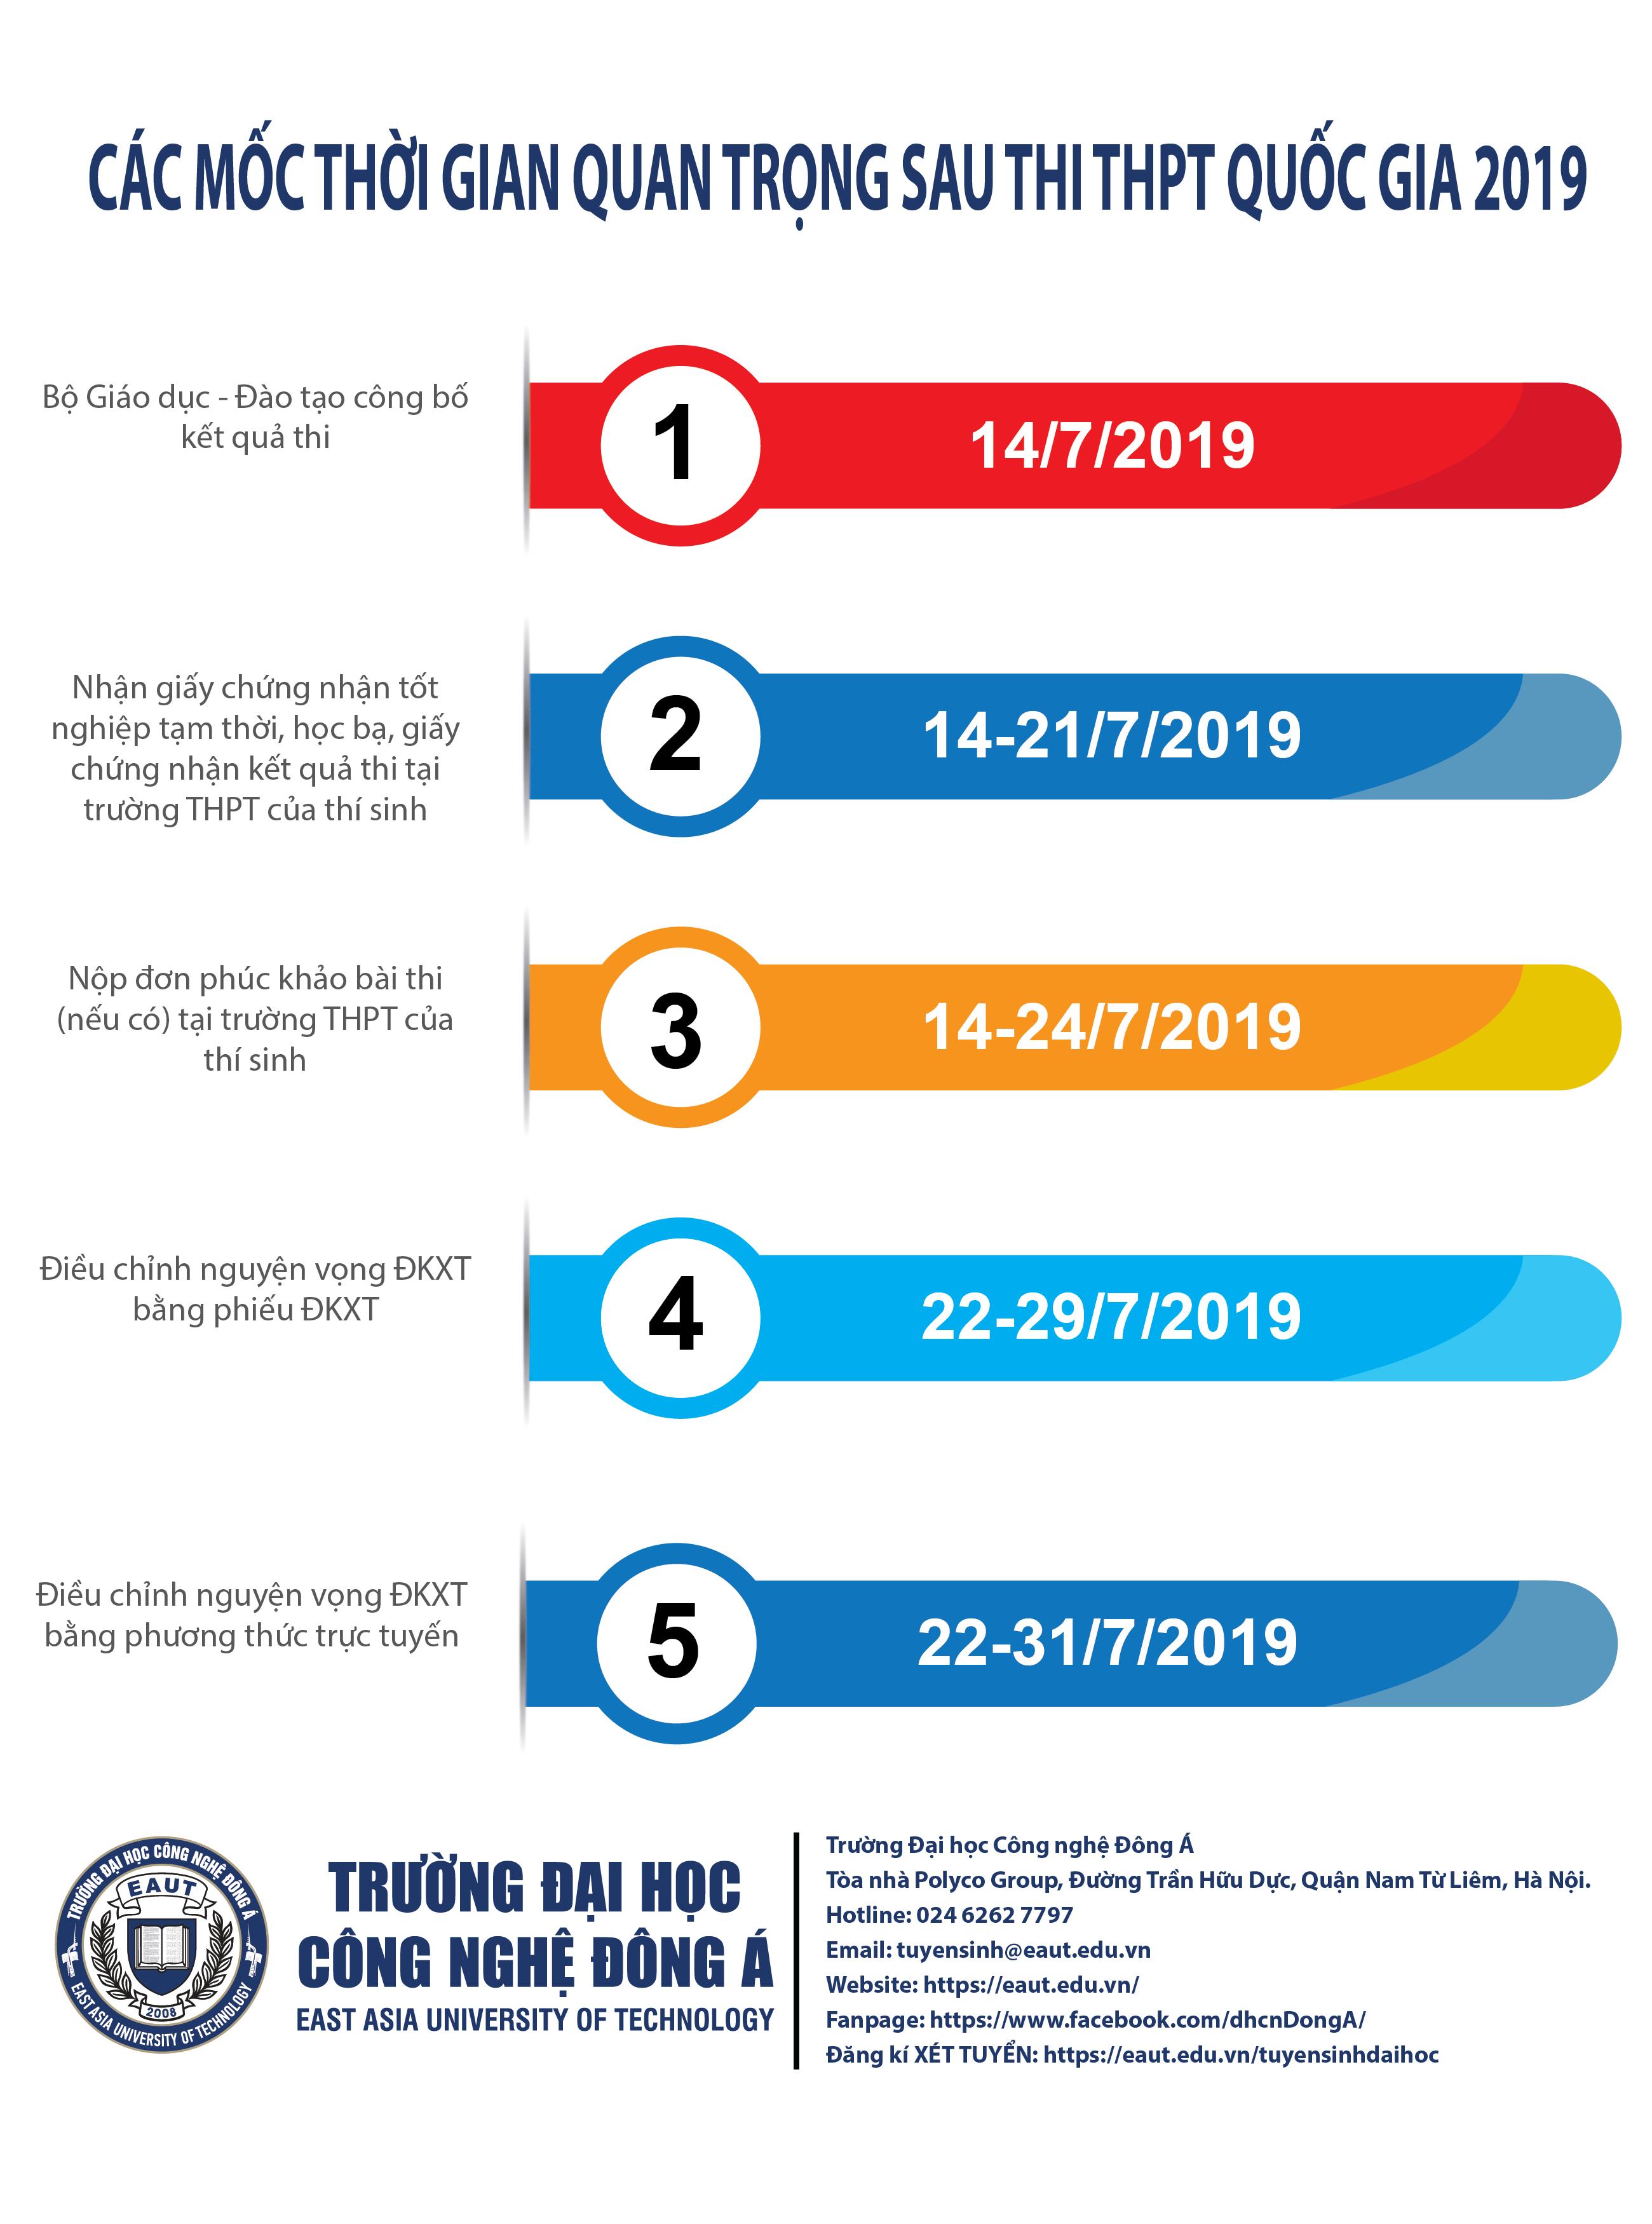 Các mốc thời gian quan trọng sau thi THPT Quốc gia 2019